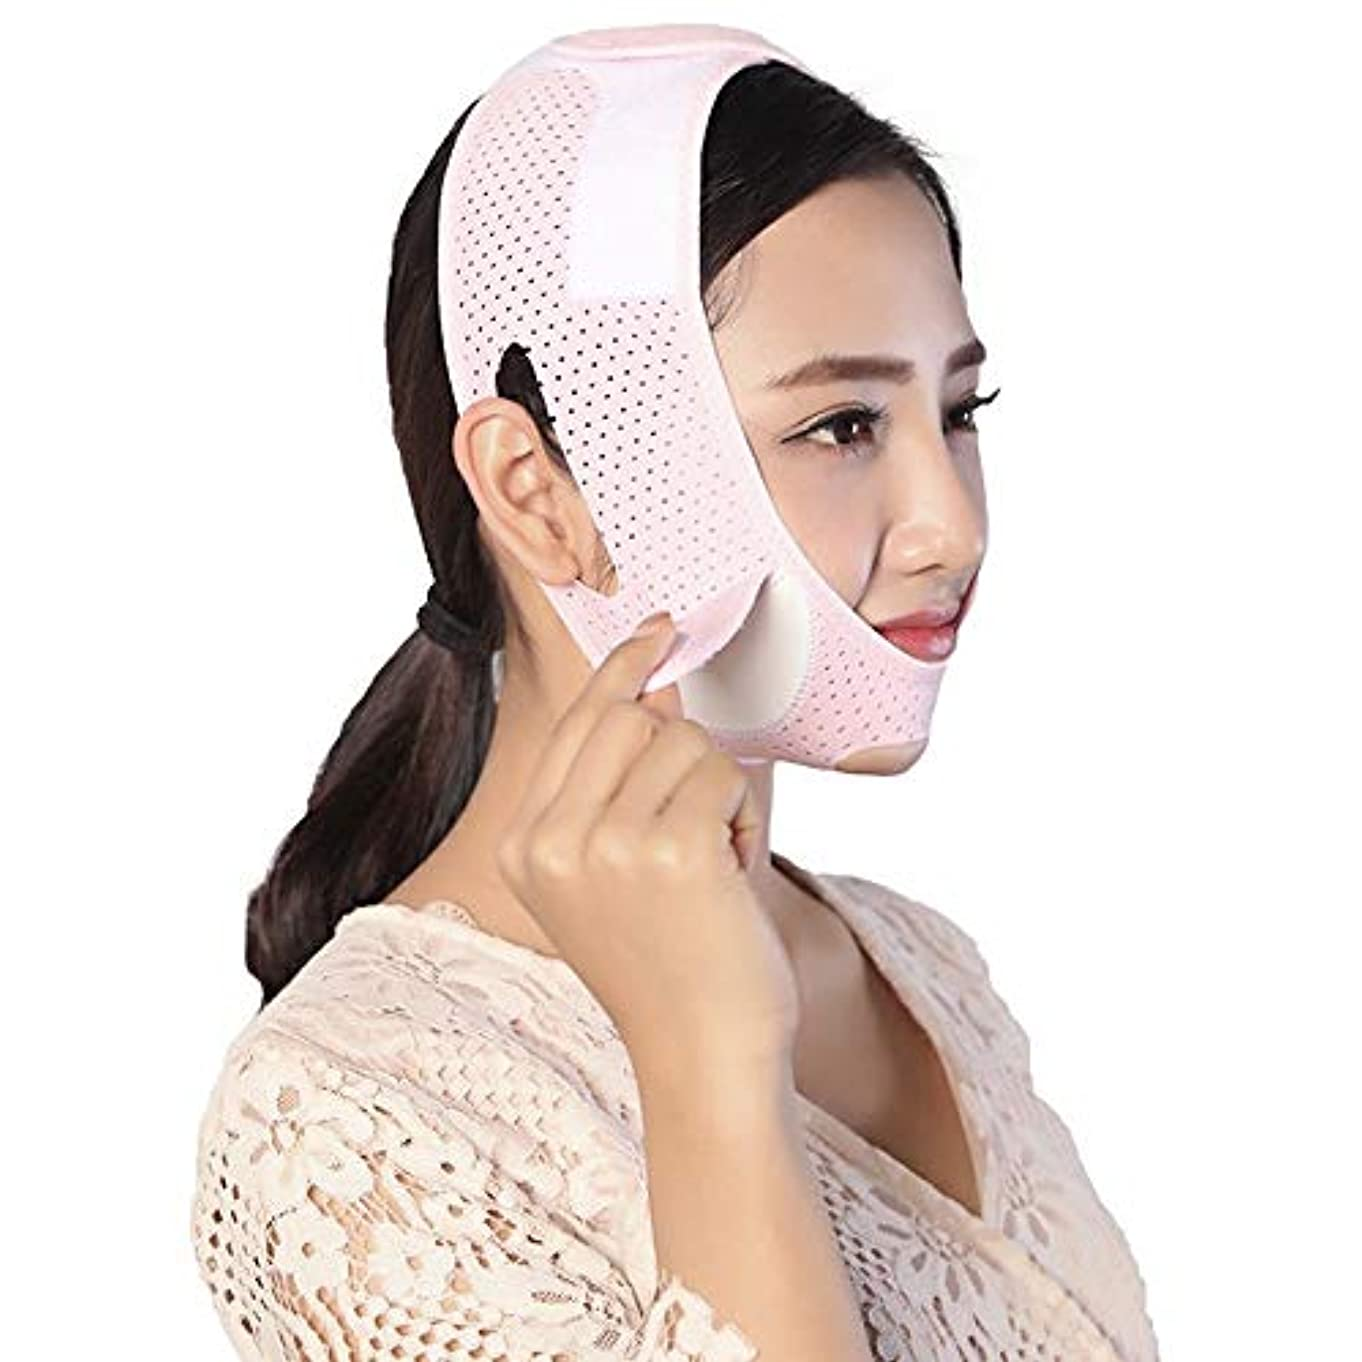 回路痛い一瞬BS フェイシャルリフティング痩身ベルト - 圧縮二重あご減量ベルトスキンケア薄い顔包帯 フェイスリフティングアーティファクト